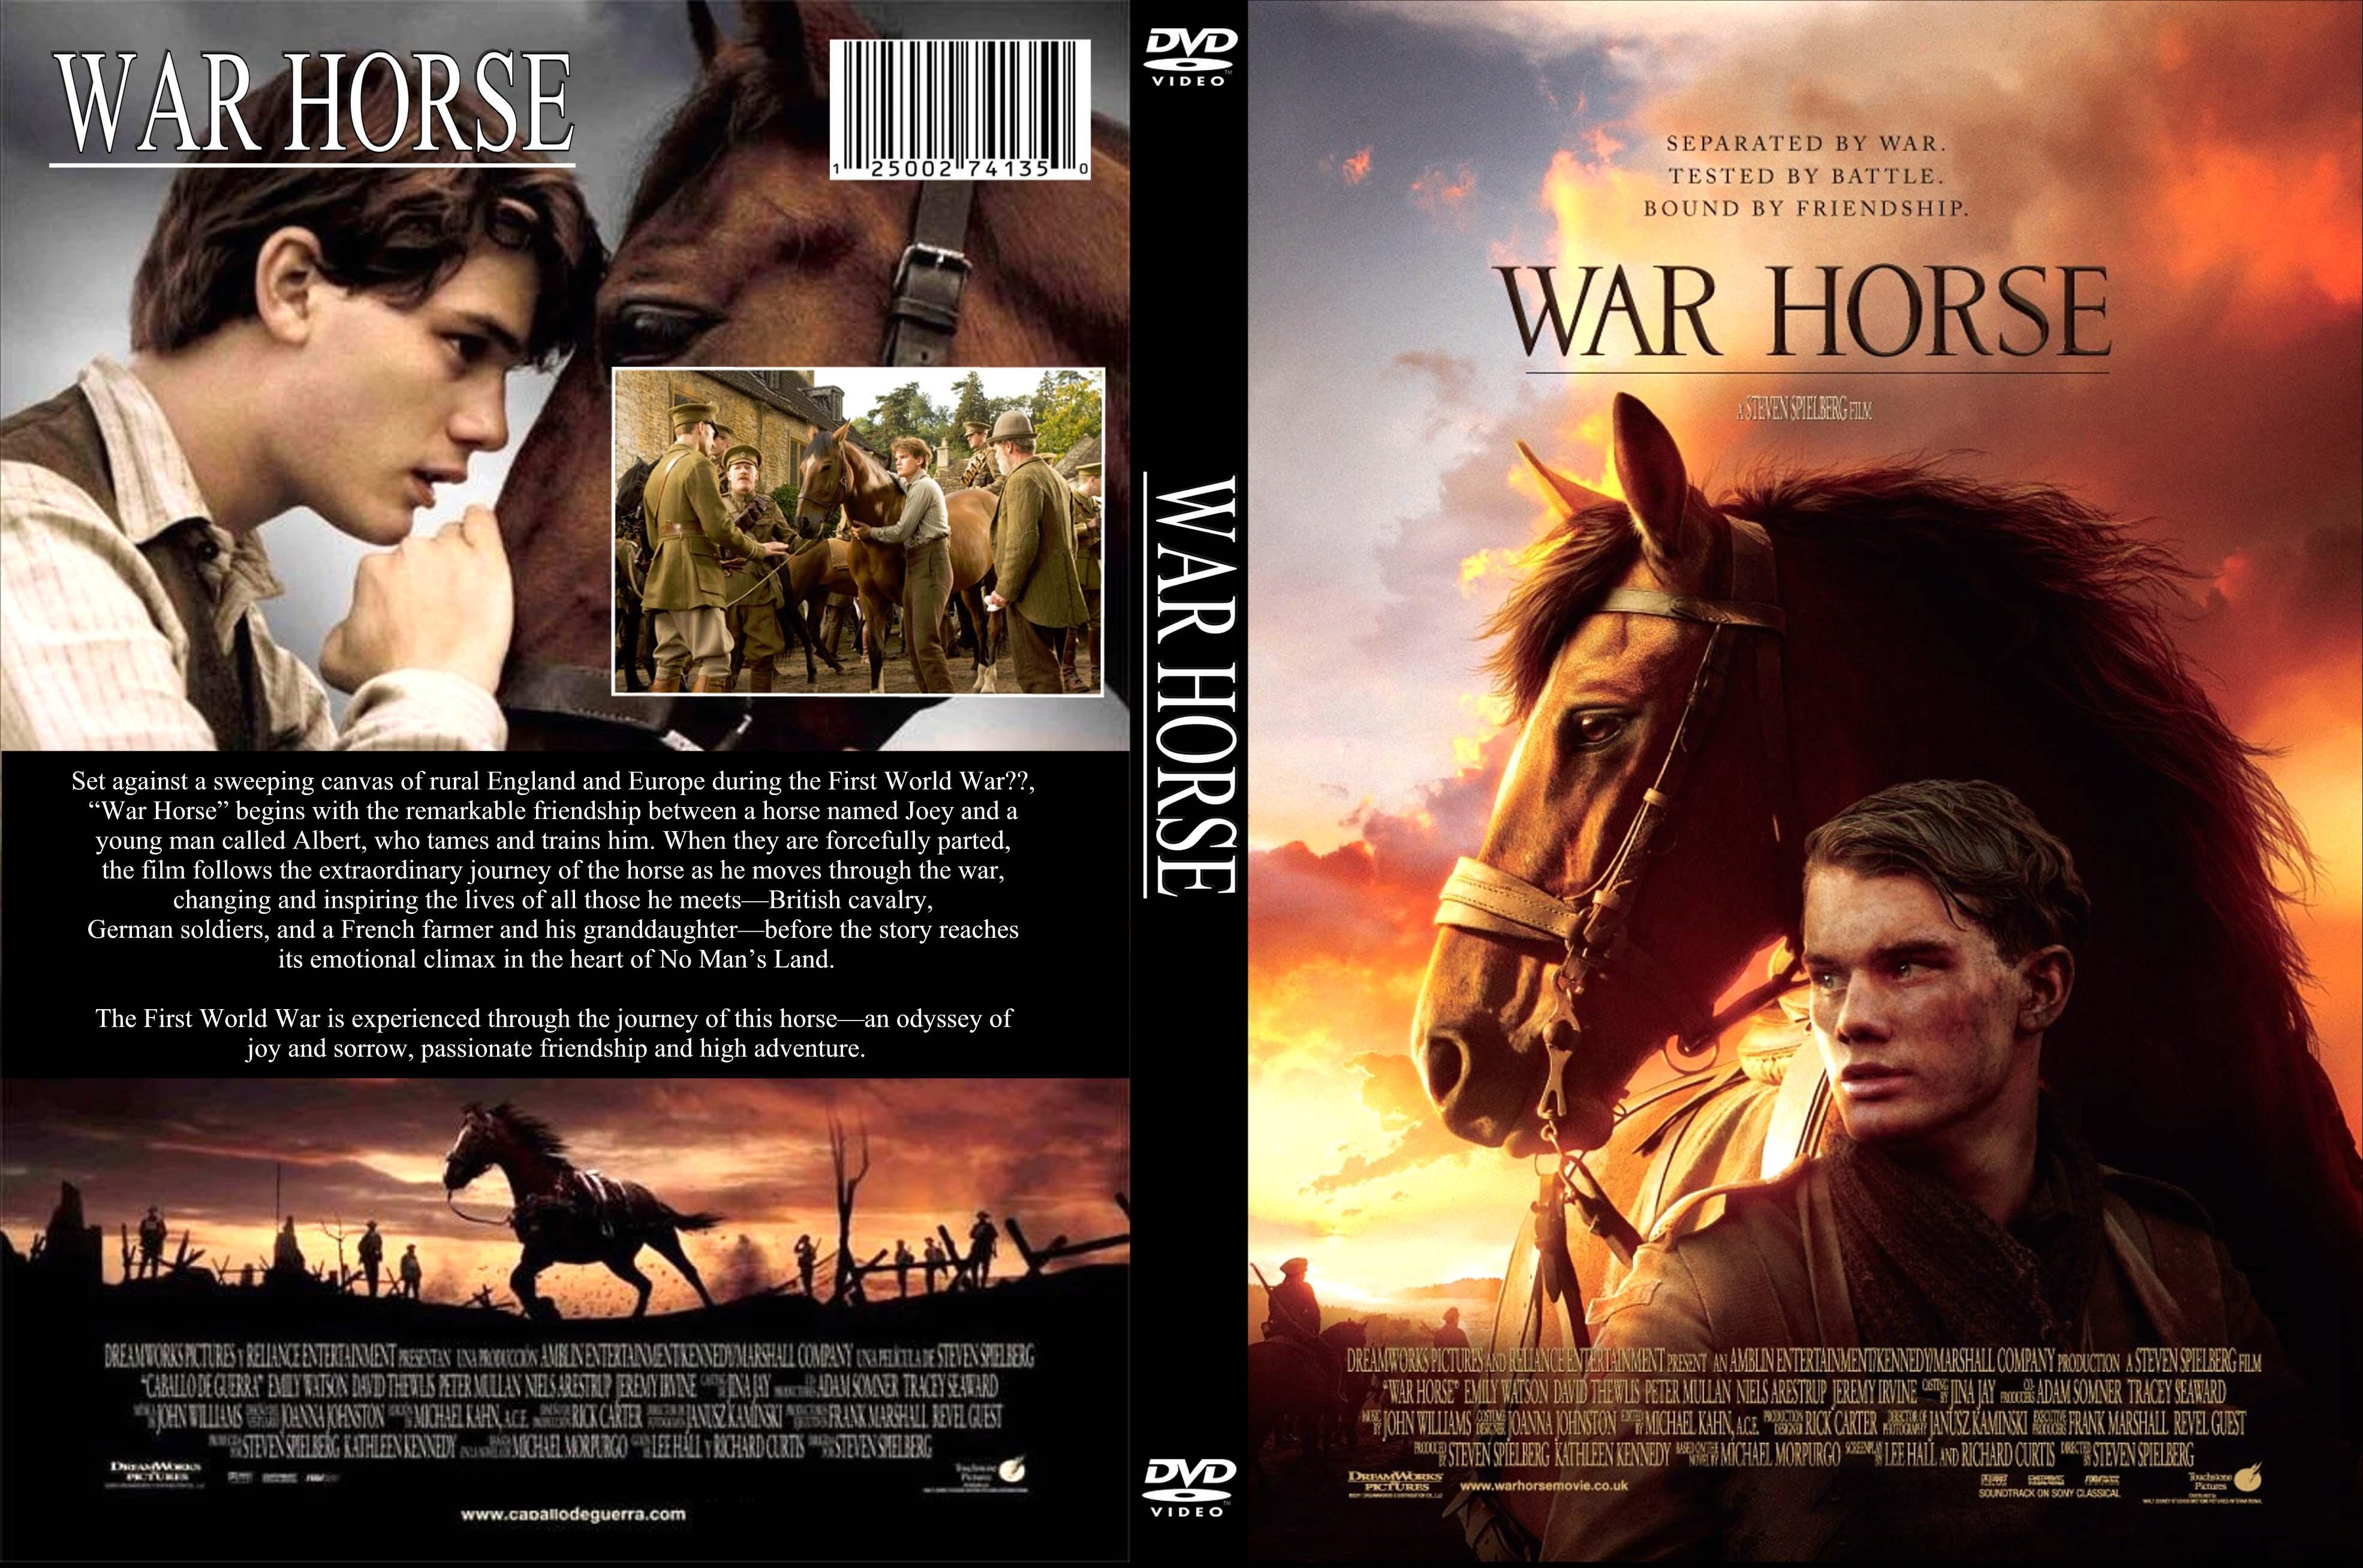 战马warhorse(2011)图片